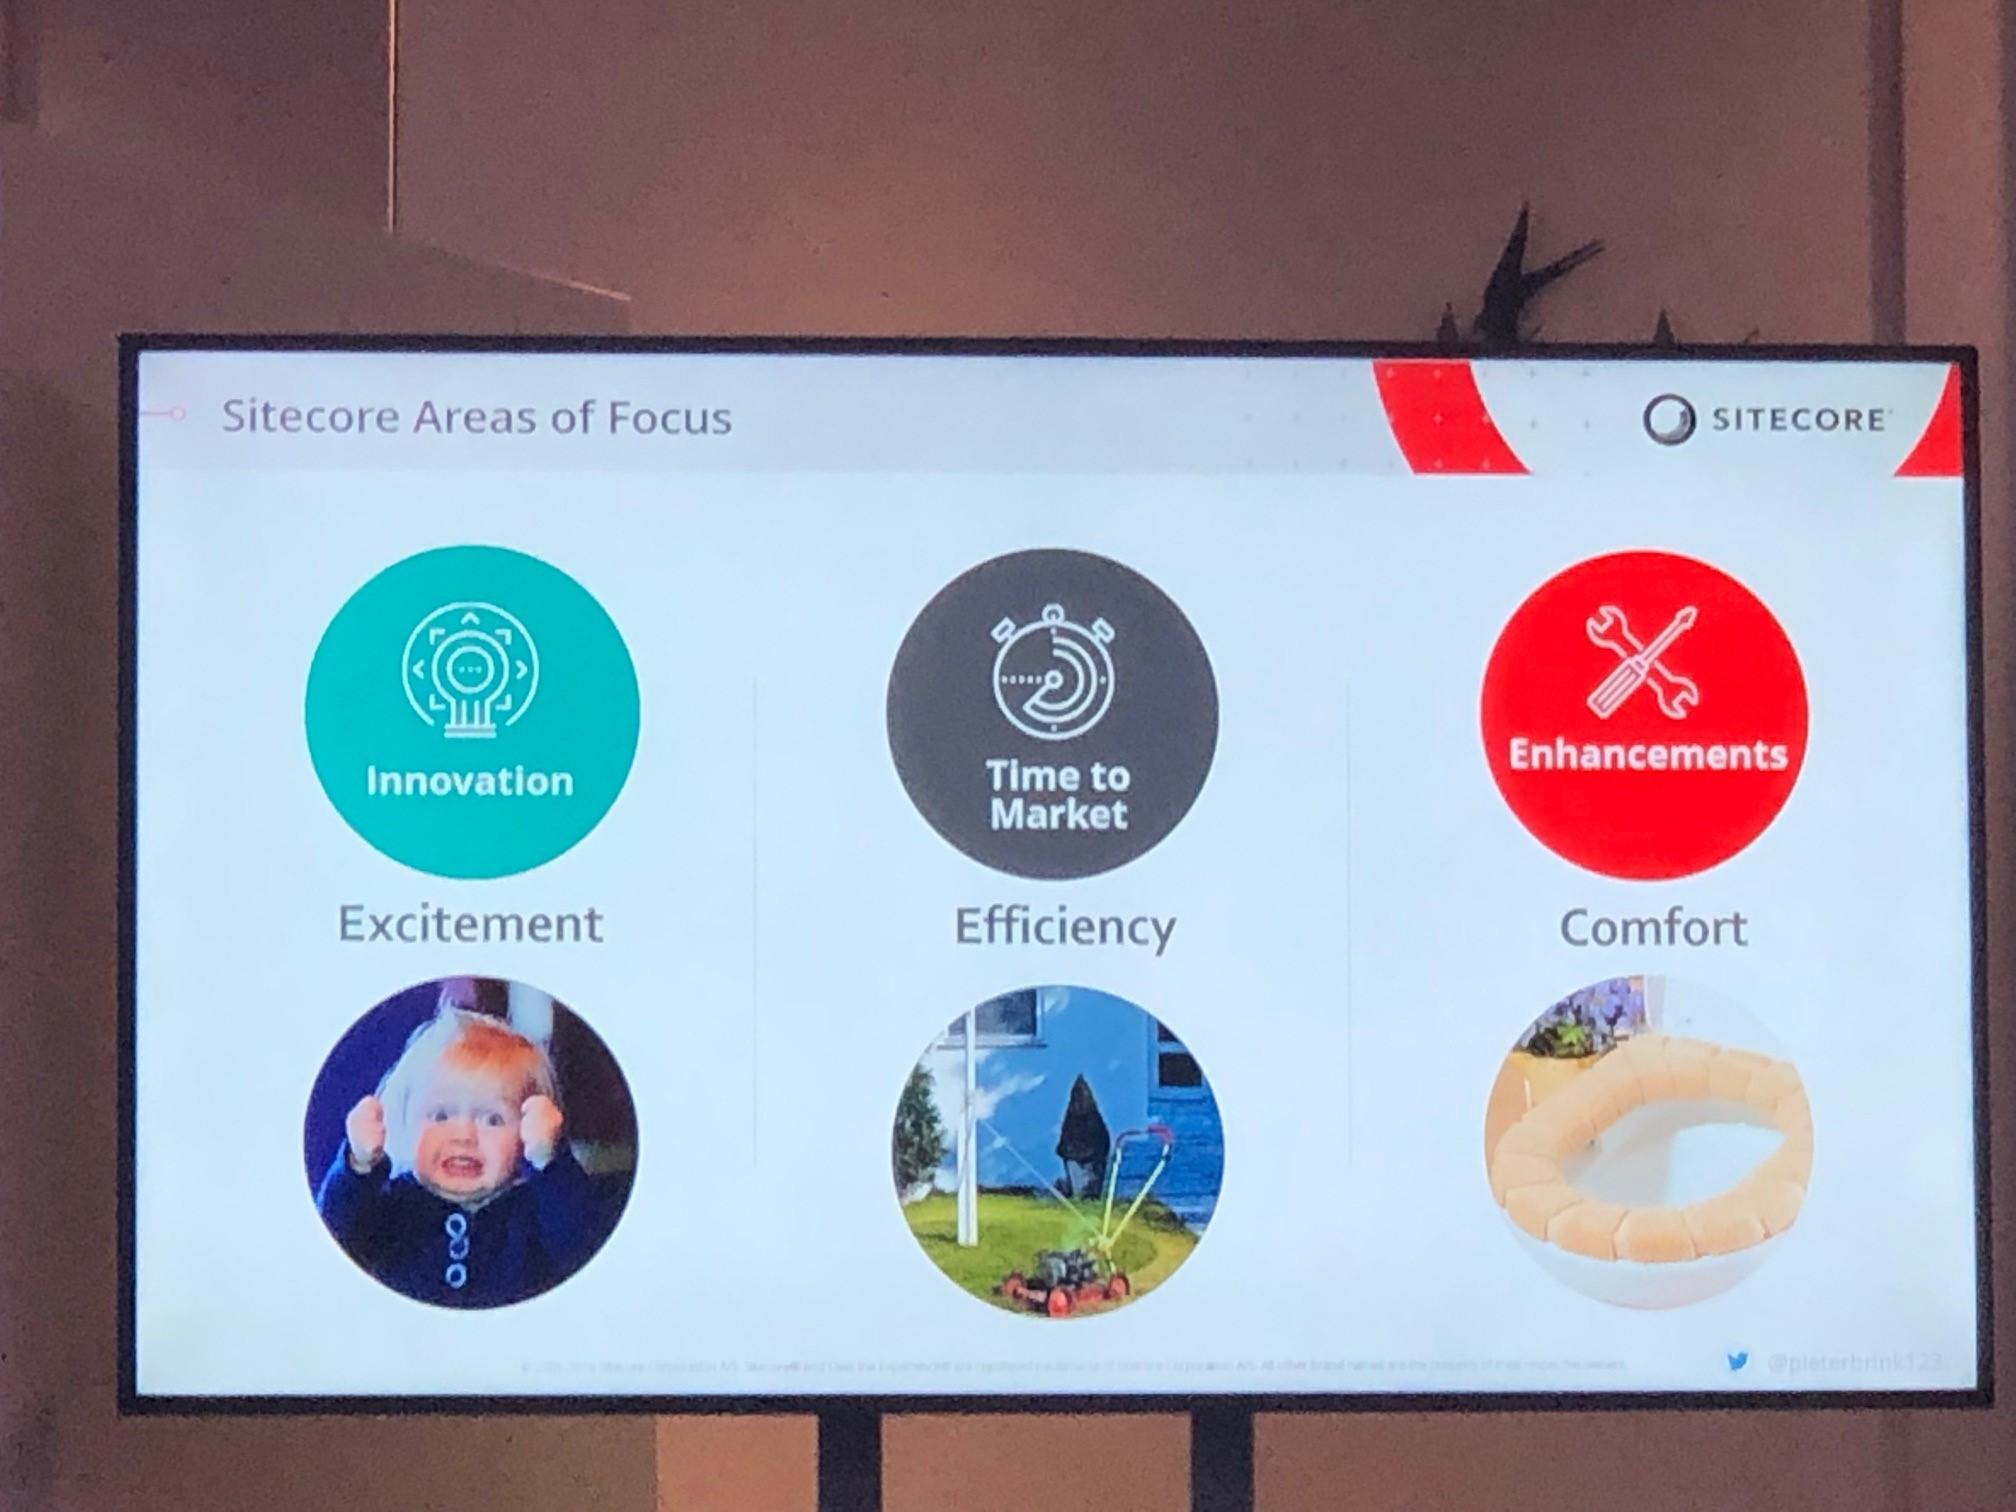 """Die Konferenz endete mit der Vorstellung von Sitecore 9.2 durch Pieter Brinkman, der sich in seinem Vortrag auf die drei Bereiche """"Excitement"""", """"Efficiency"""" und """"Comfort"""" konzentrierte."""